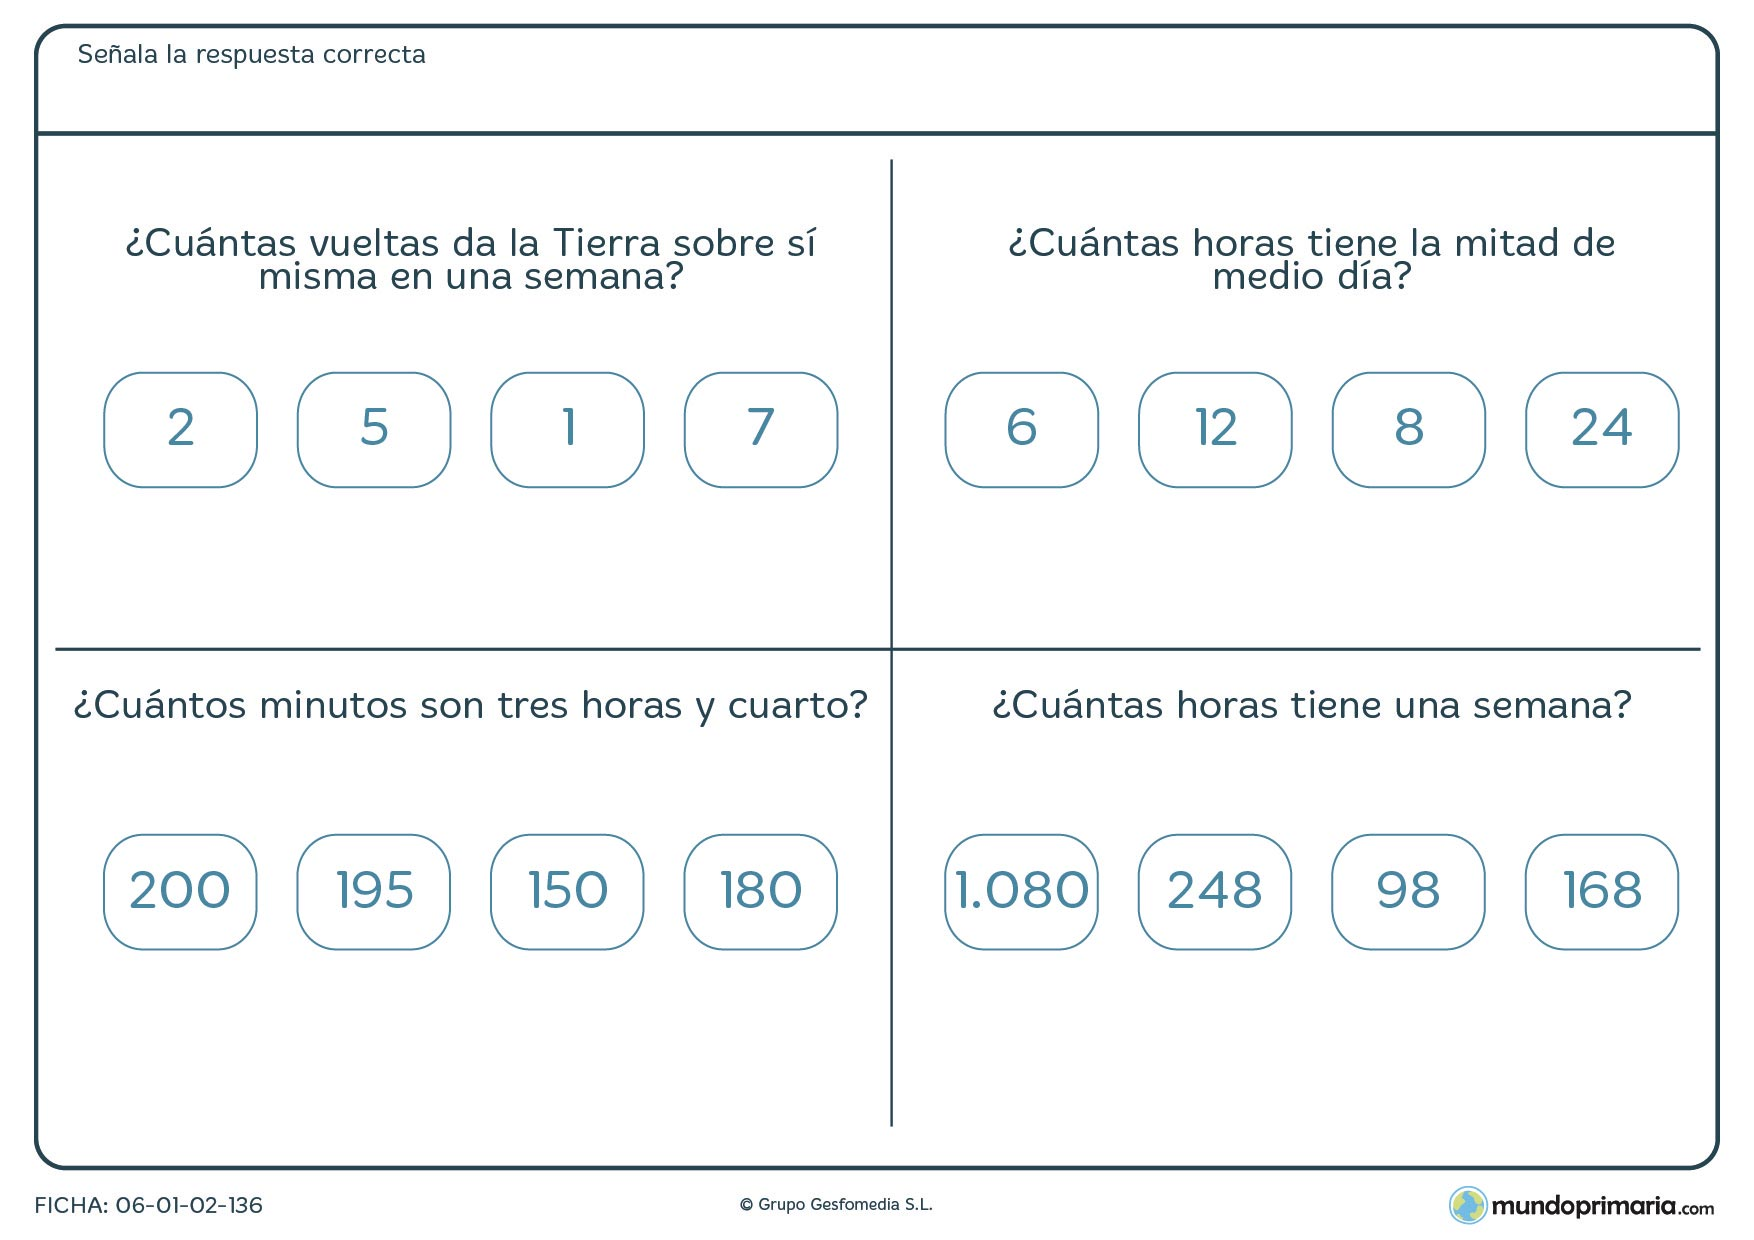 Ficha de cálculo de horas en determinados sucesos y la que deberás marcar la respuesta correcta.